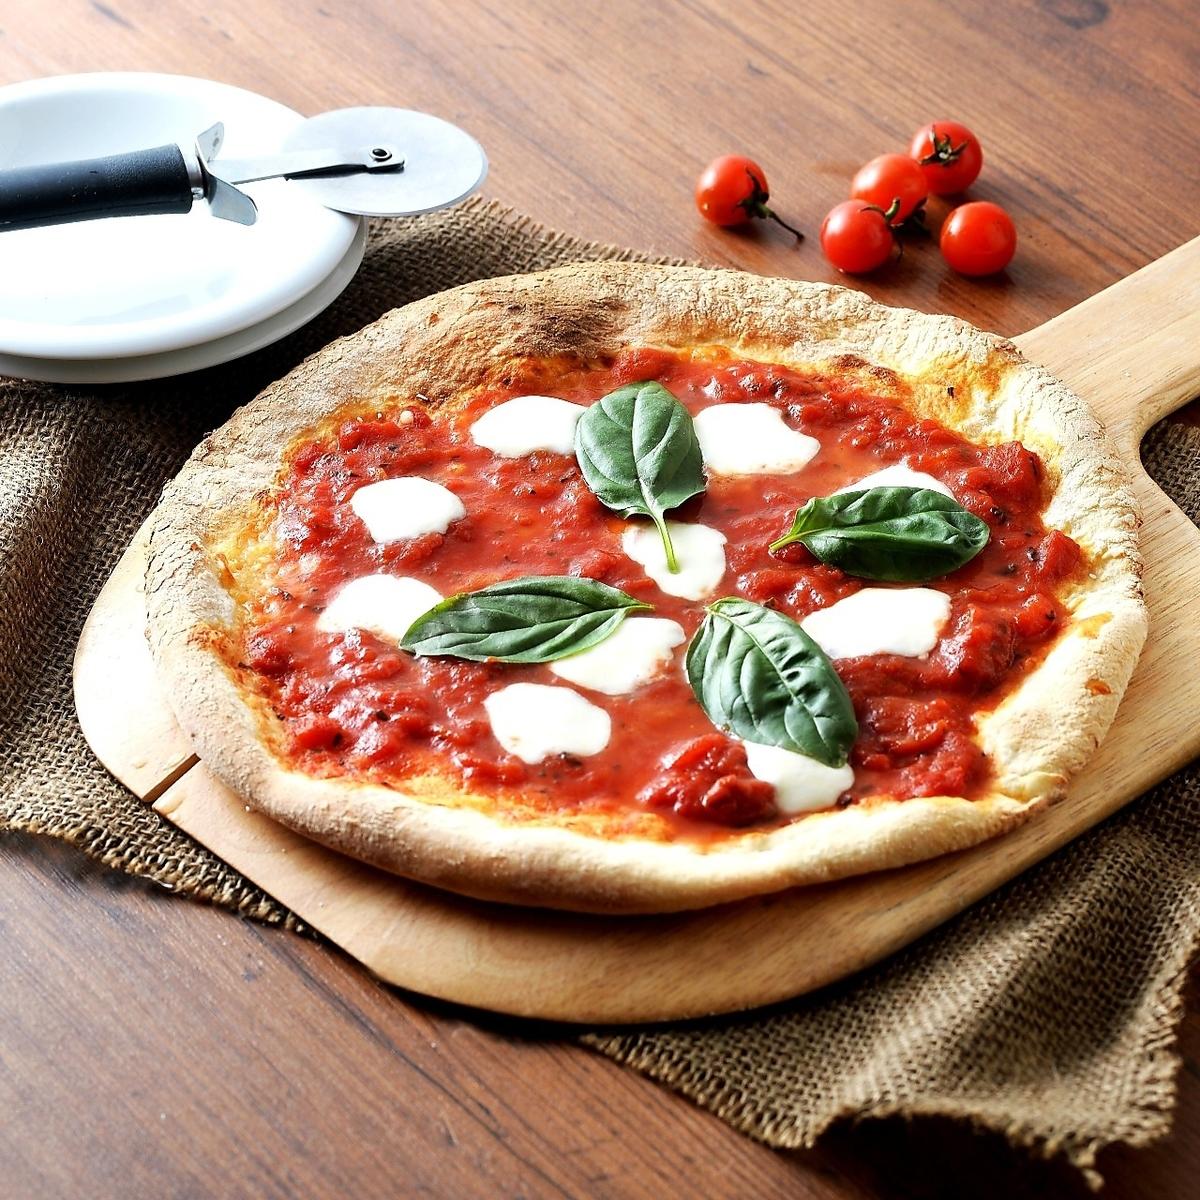 ◇自製番茄醬和Midgerda奶酪Margherita